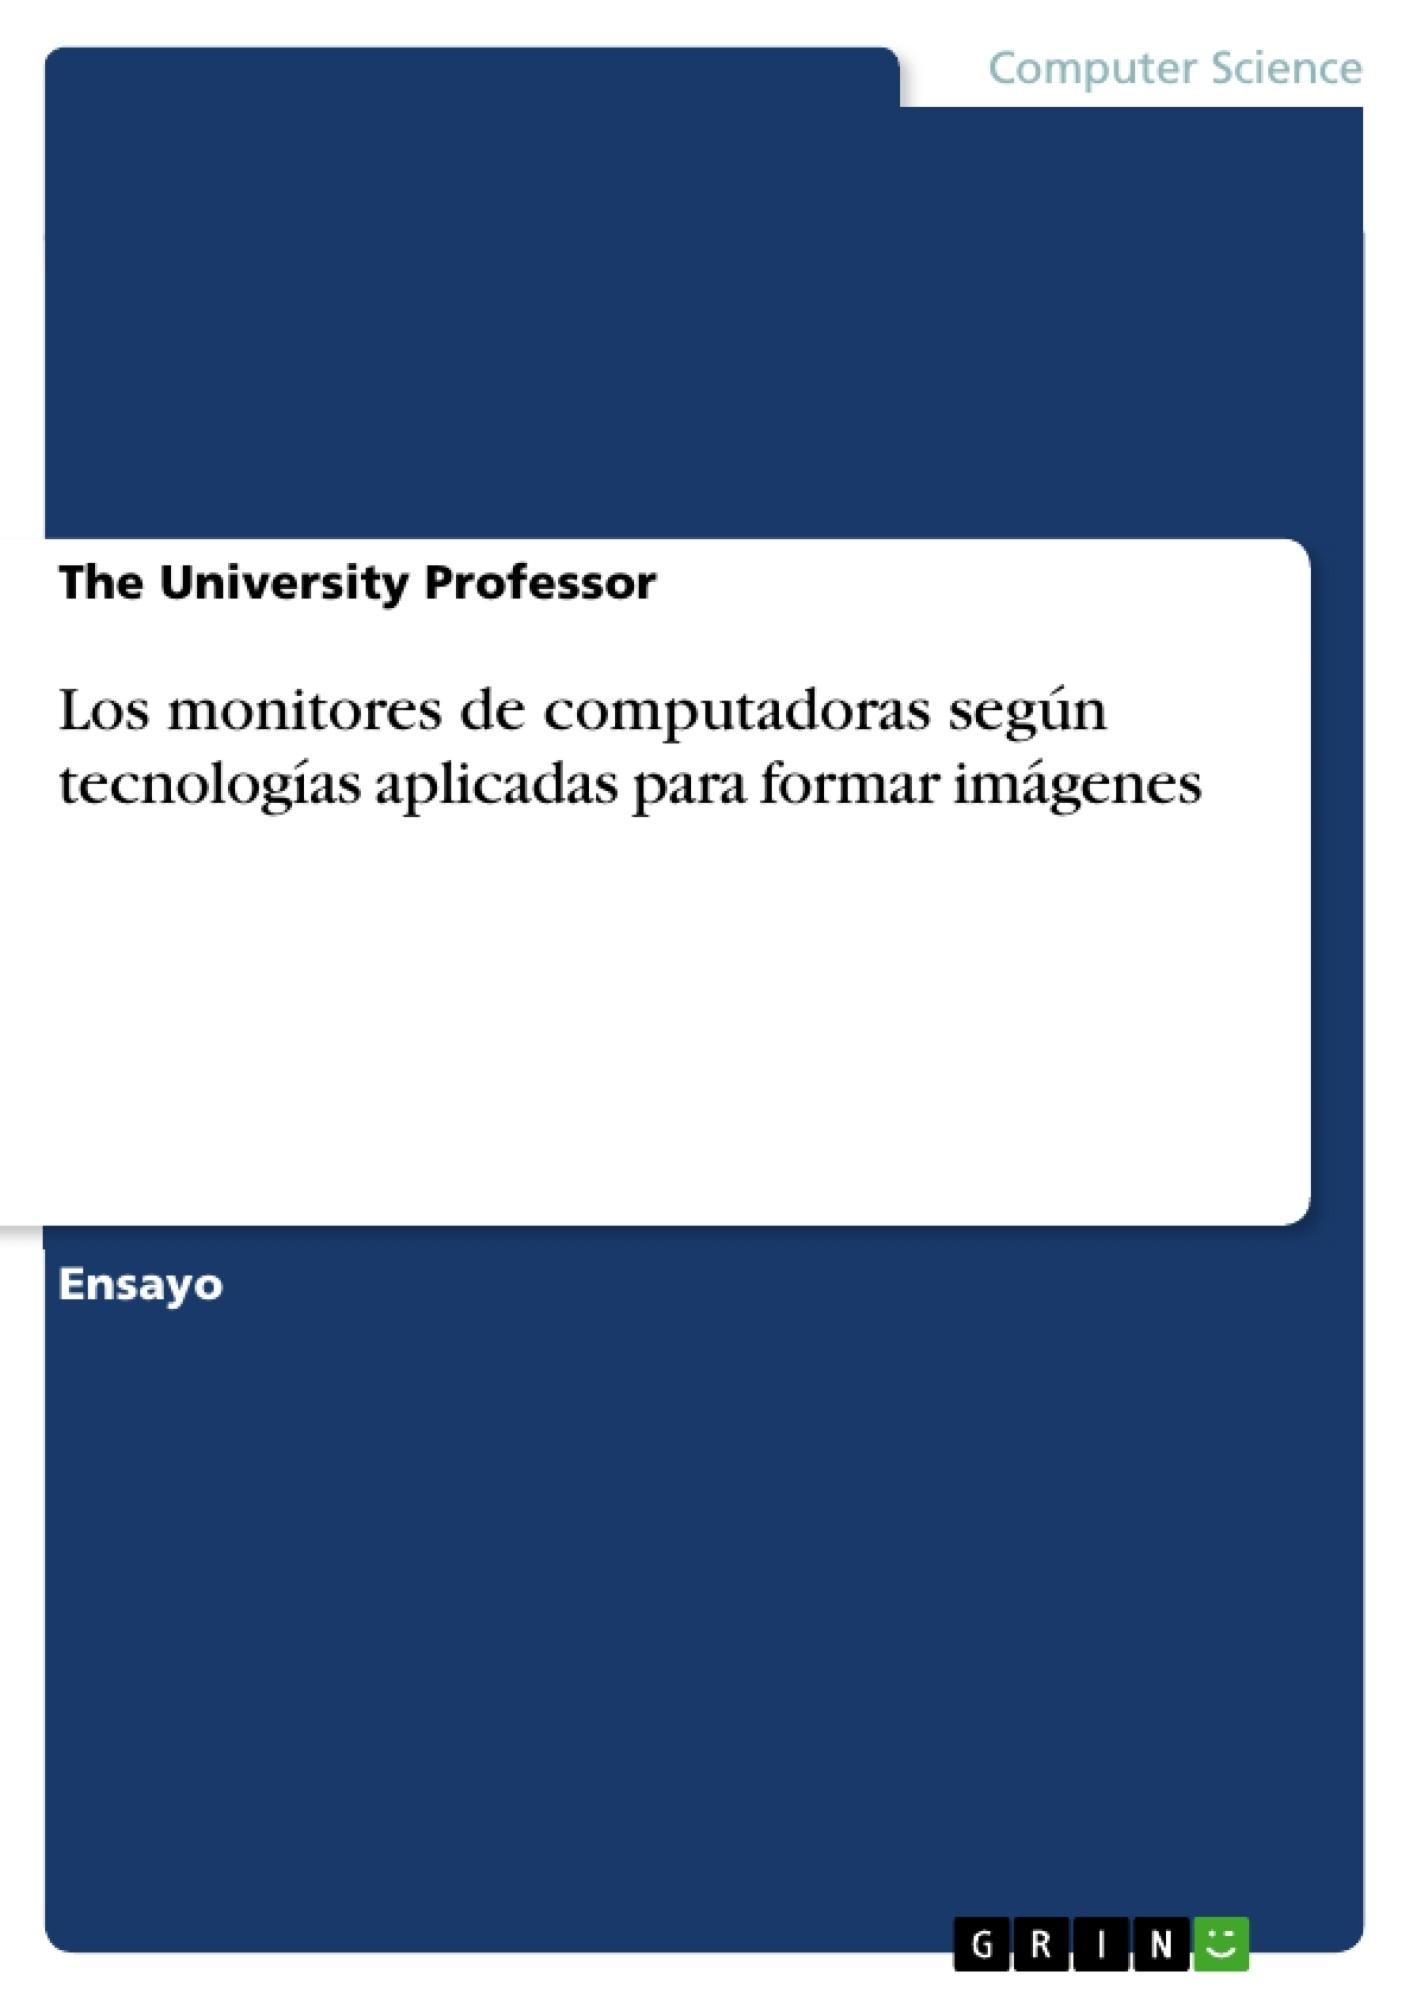 Título: Los monitores de computadoras según tecnologías aplicadas para formar imágenes